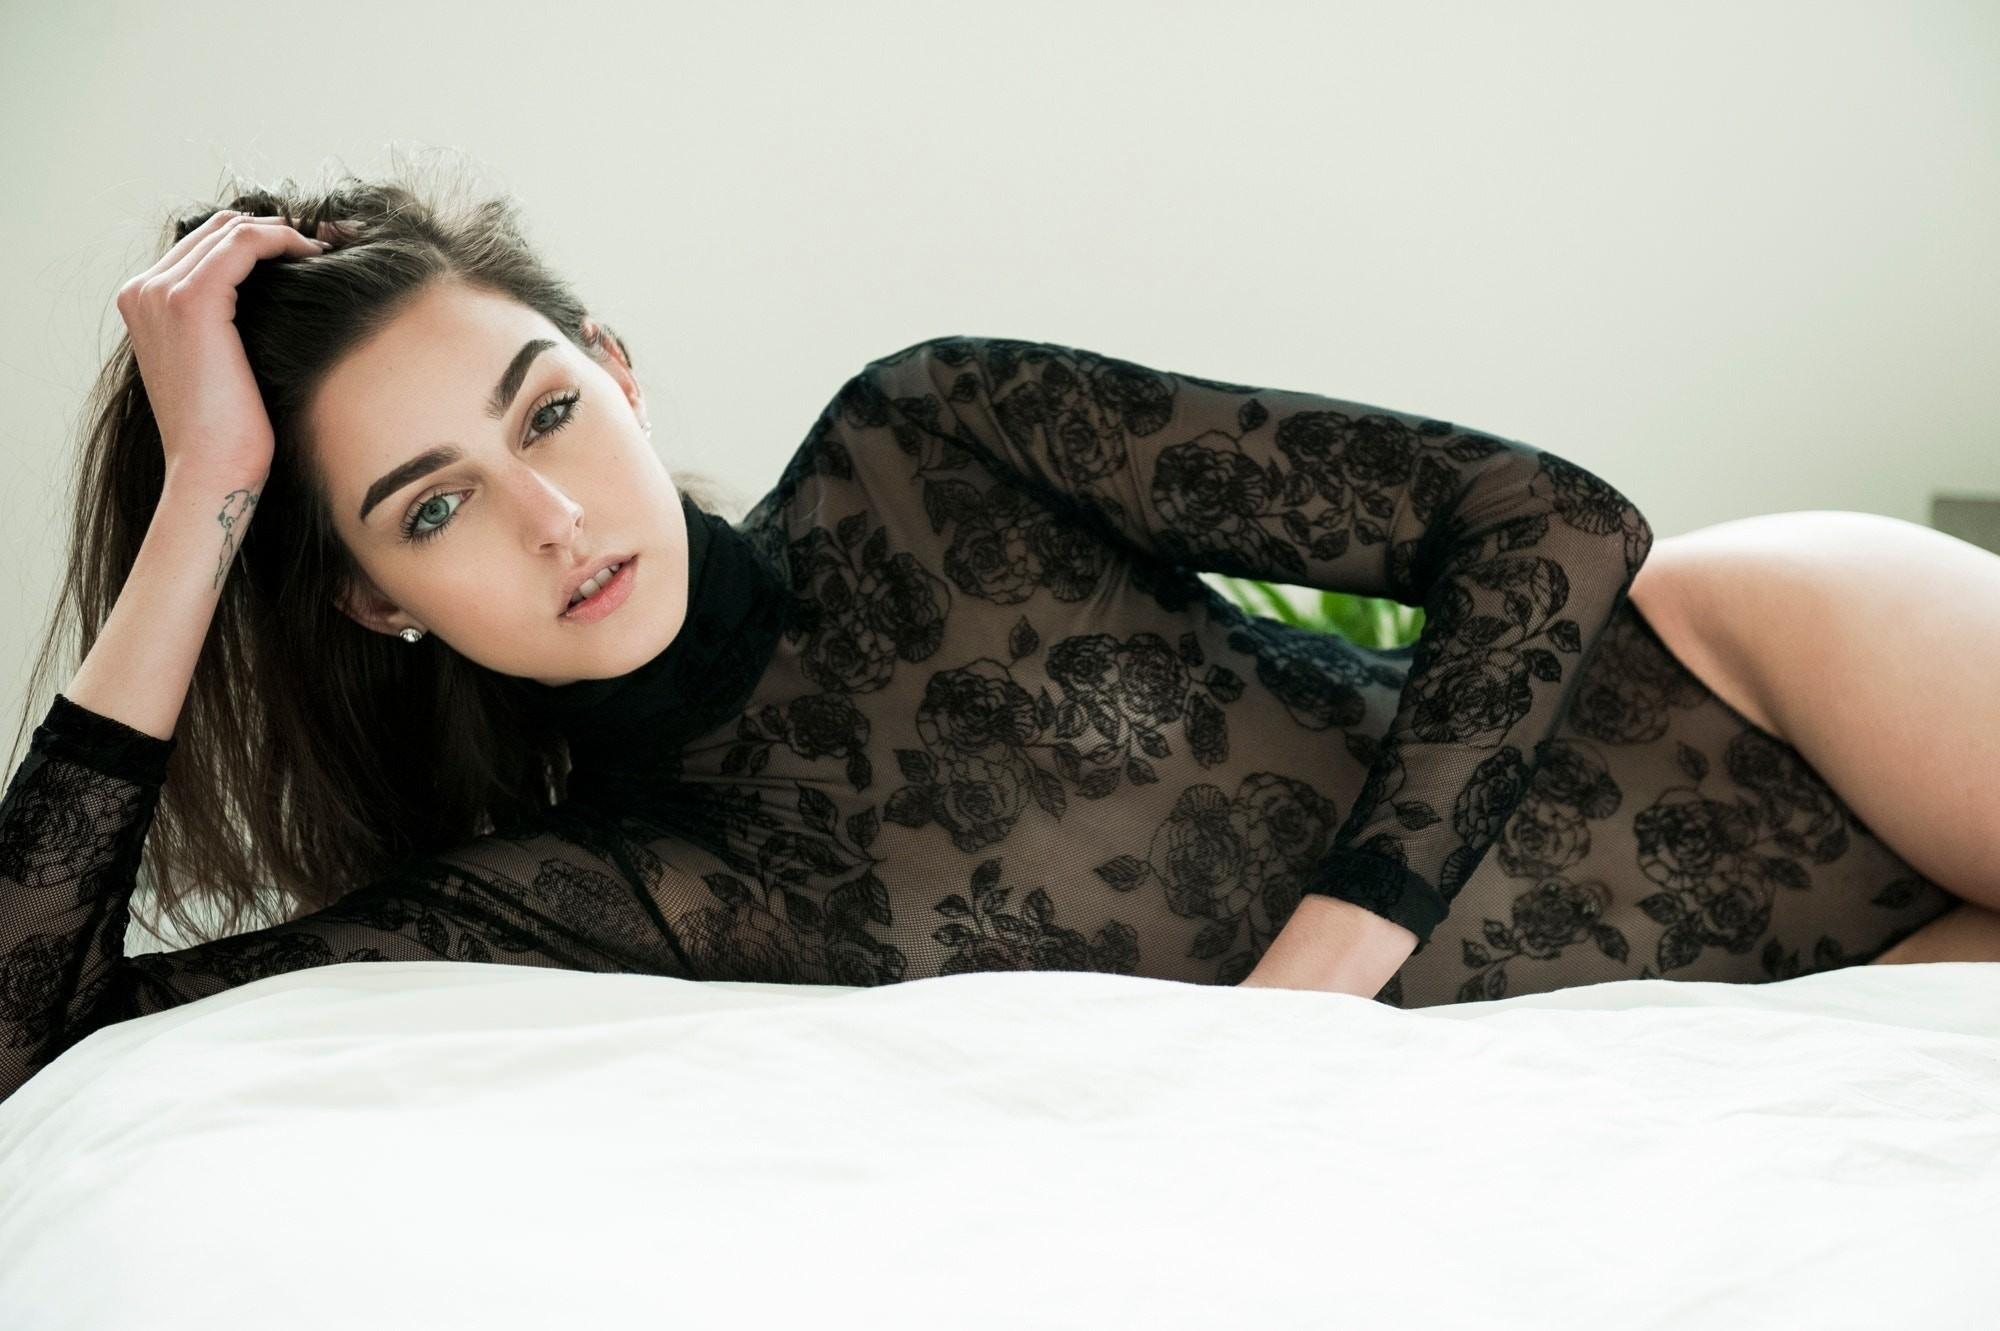 Фото Брюнетка в черном узорчатом прозрачном боди, постель, скачать картинку бесплатно